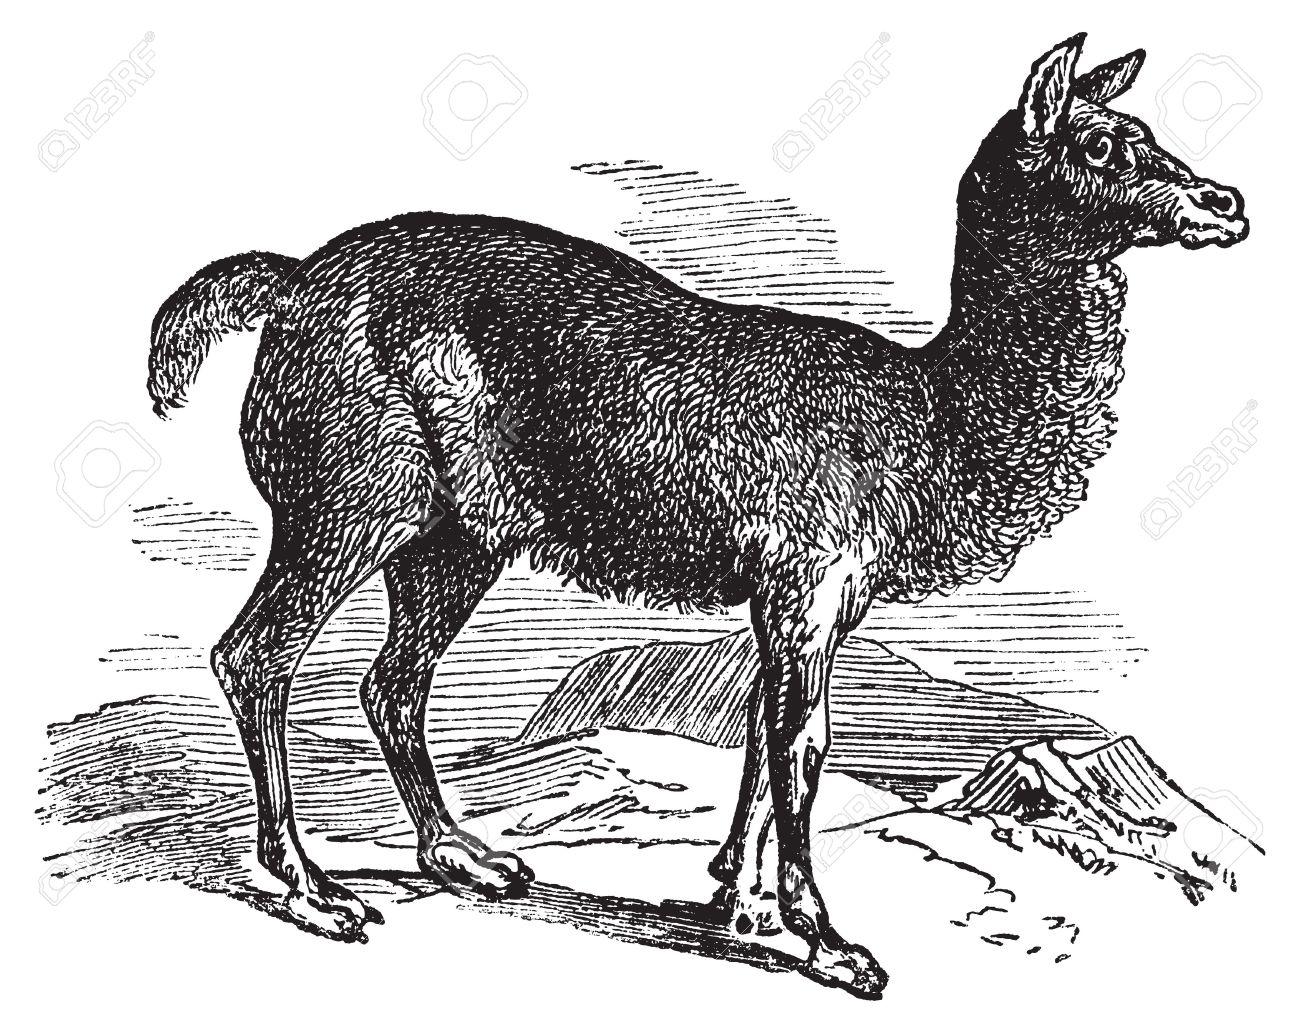 Alpaca Or Vicugna Pacos Vintage Engraving. Old Engraved.